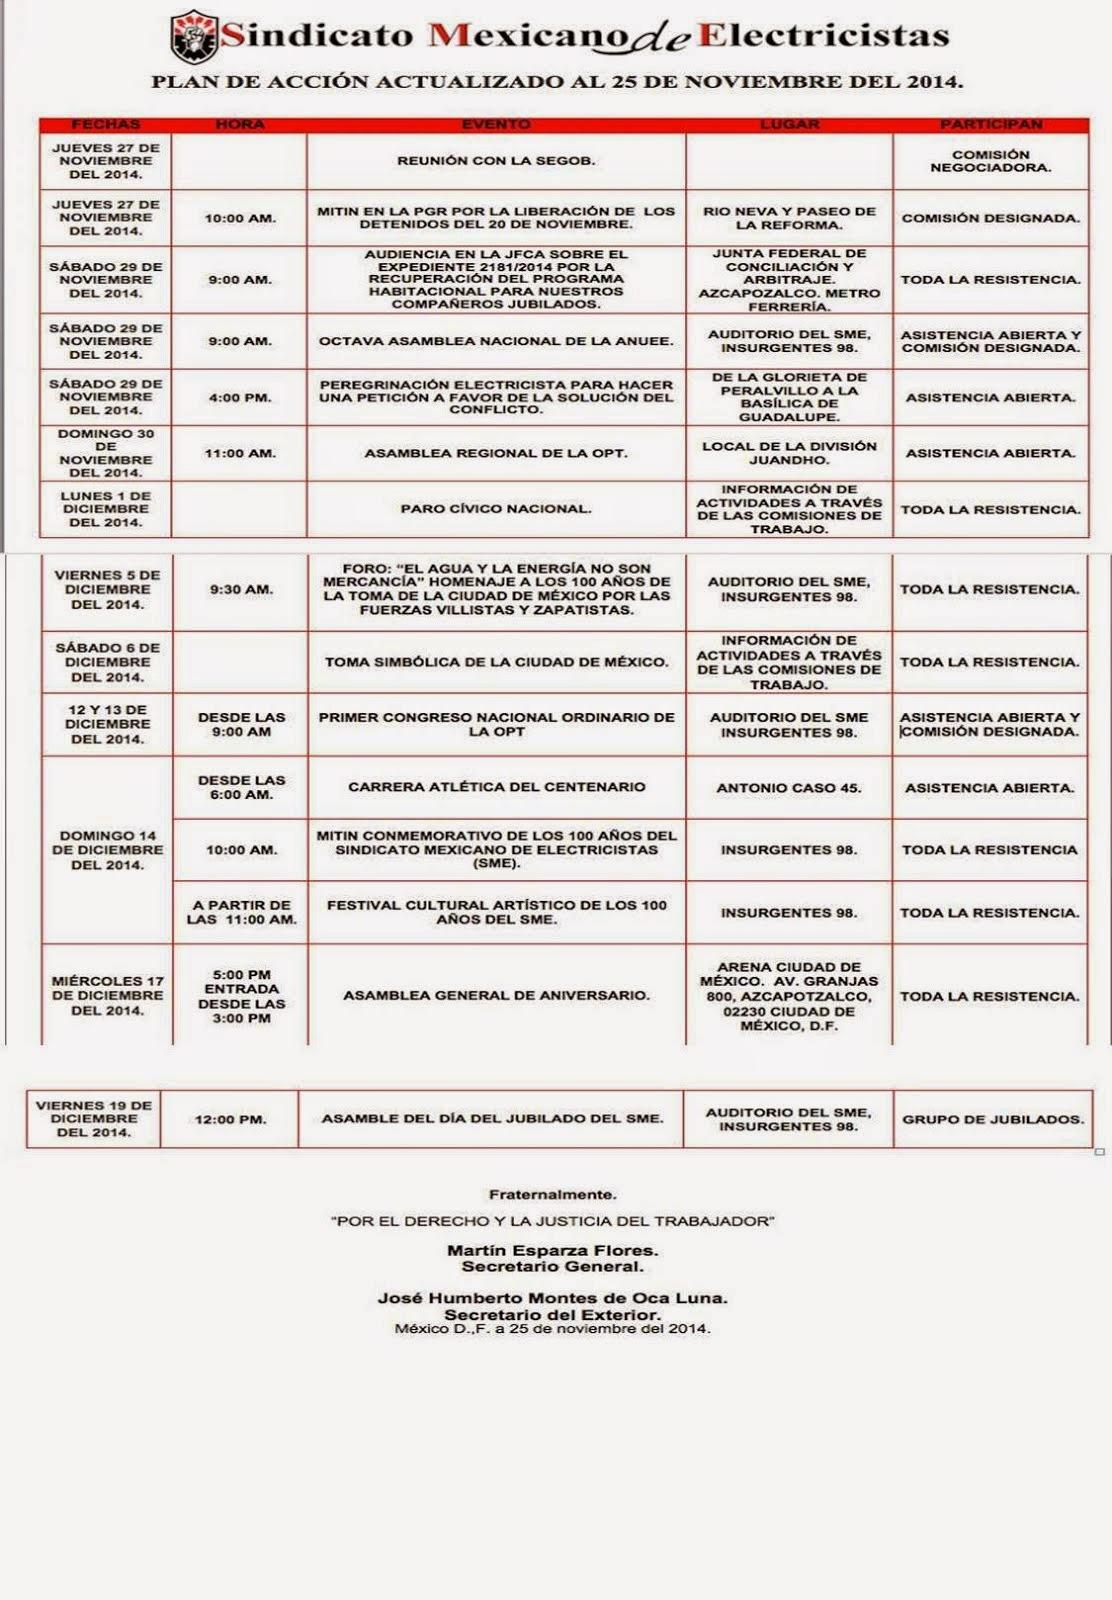 Plan de acción actualizado al 25 de Noviembre del 2014